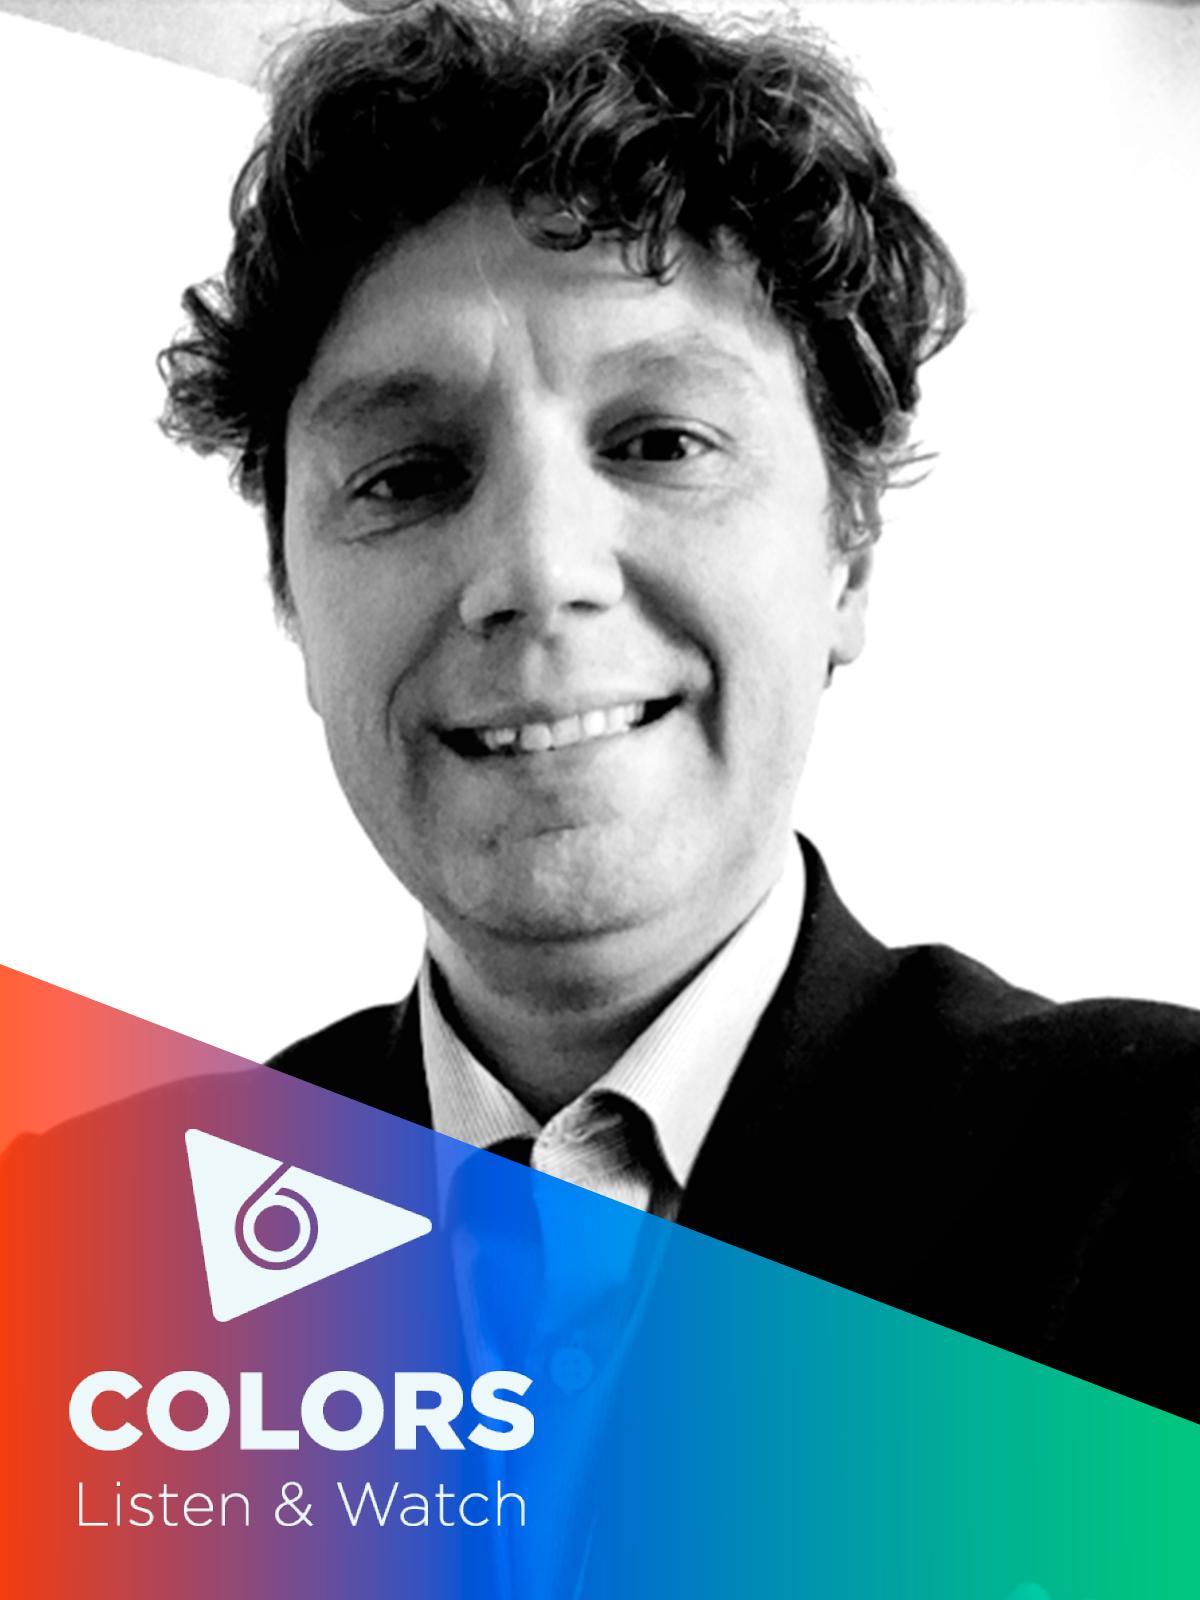 Directeur conseil & technologie - Sylvain Cavet